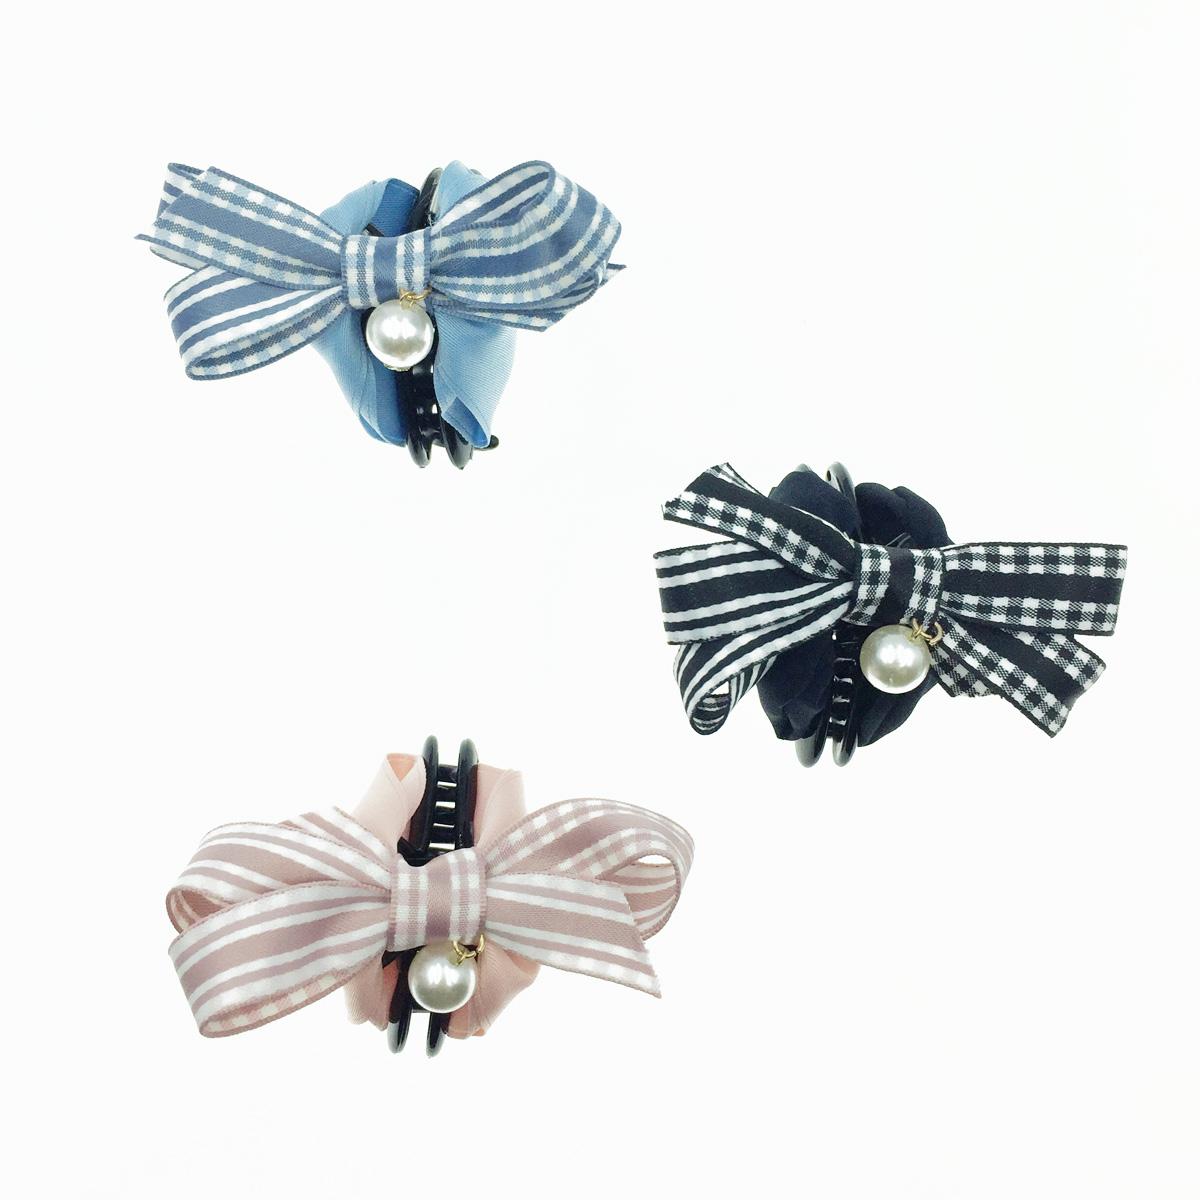 韓國 格紋蝴蝶結 垂墜珍珠 緞帶 緞面 鯊魚夾 髮夾 髮飾